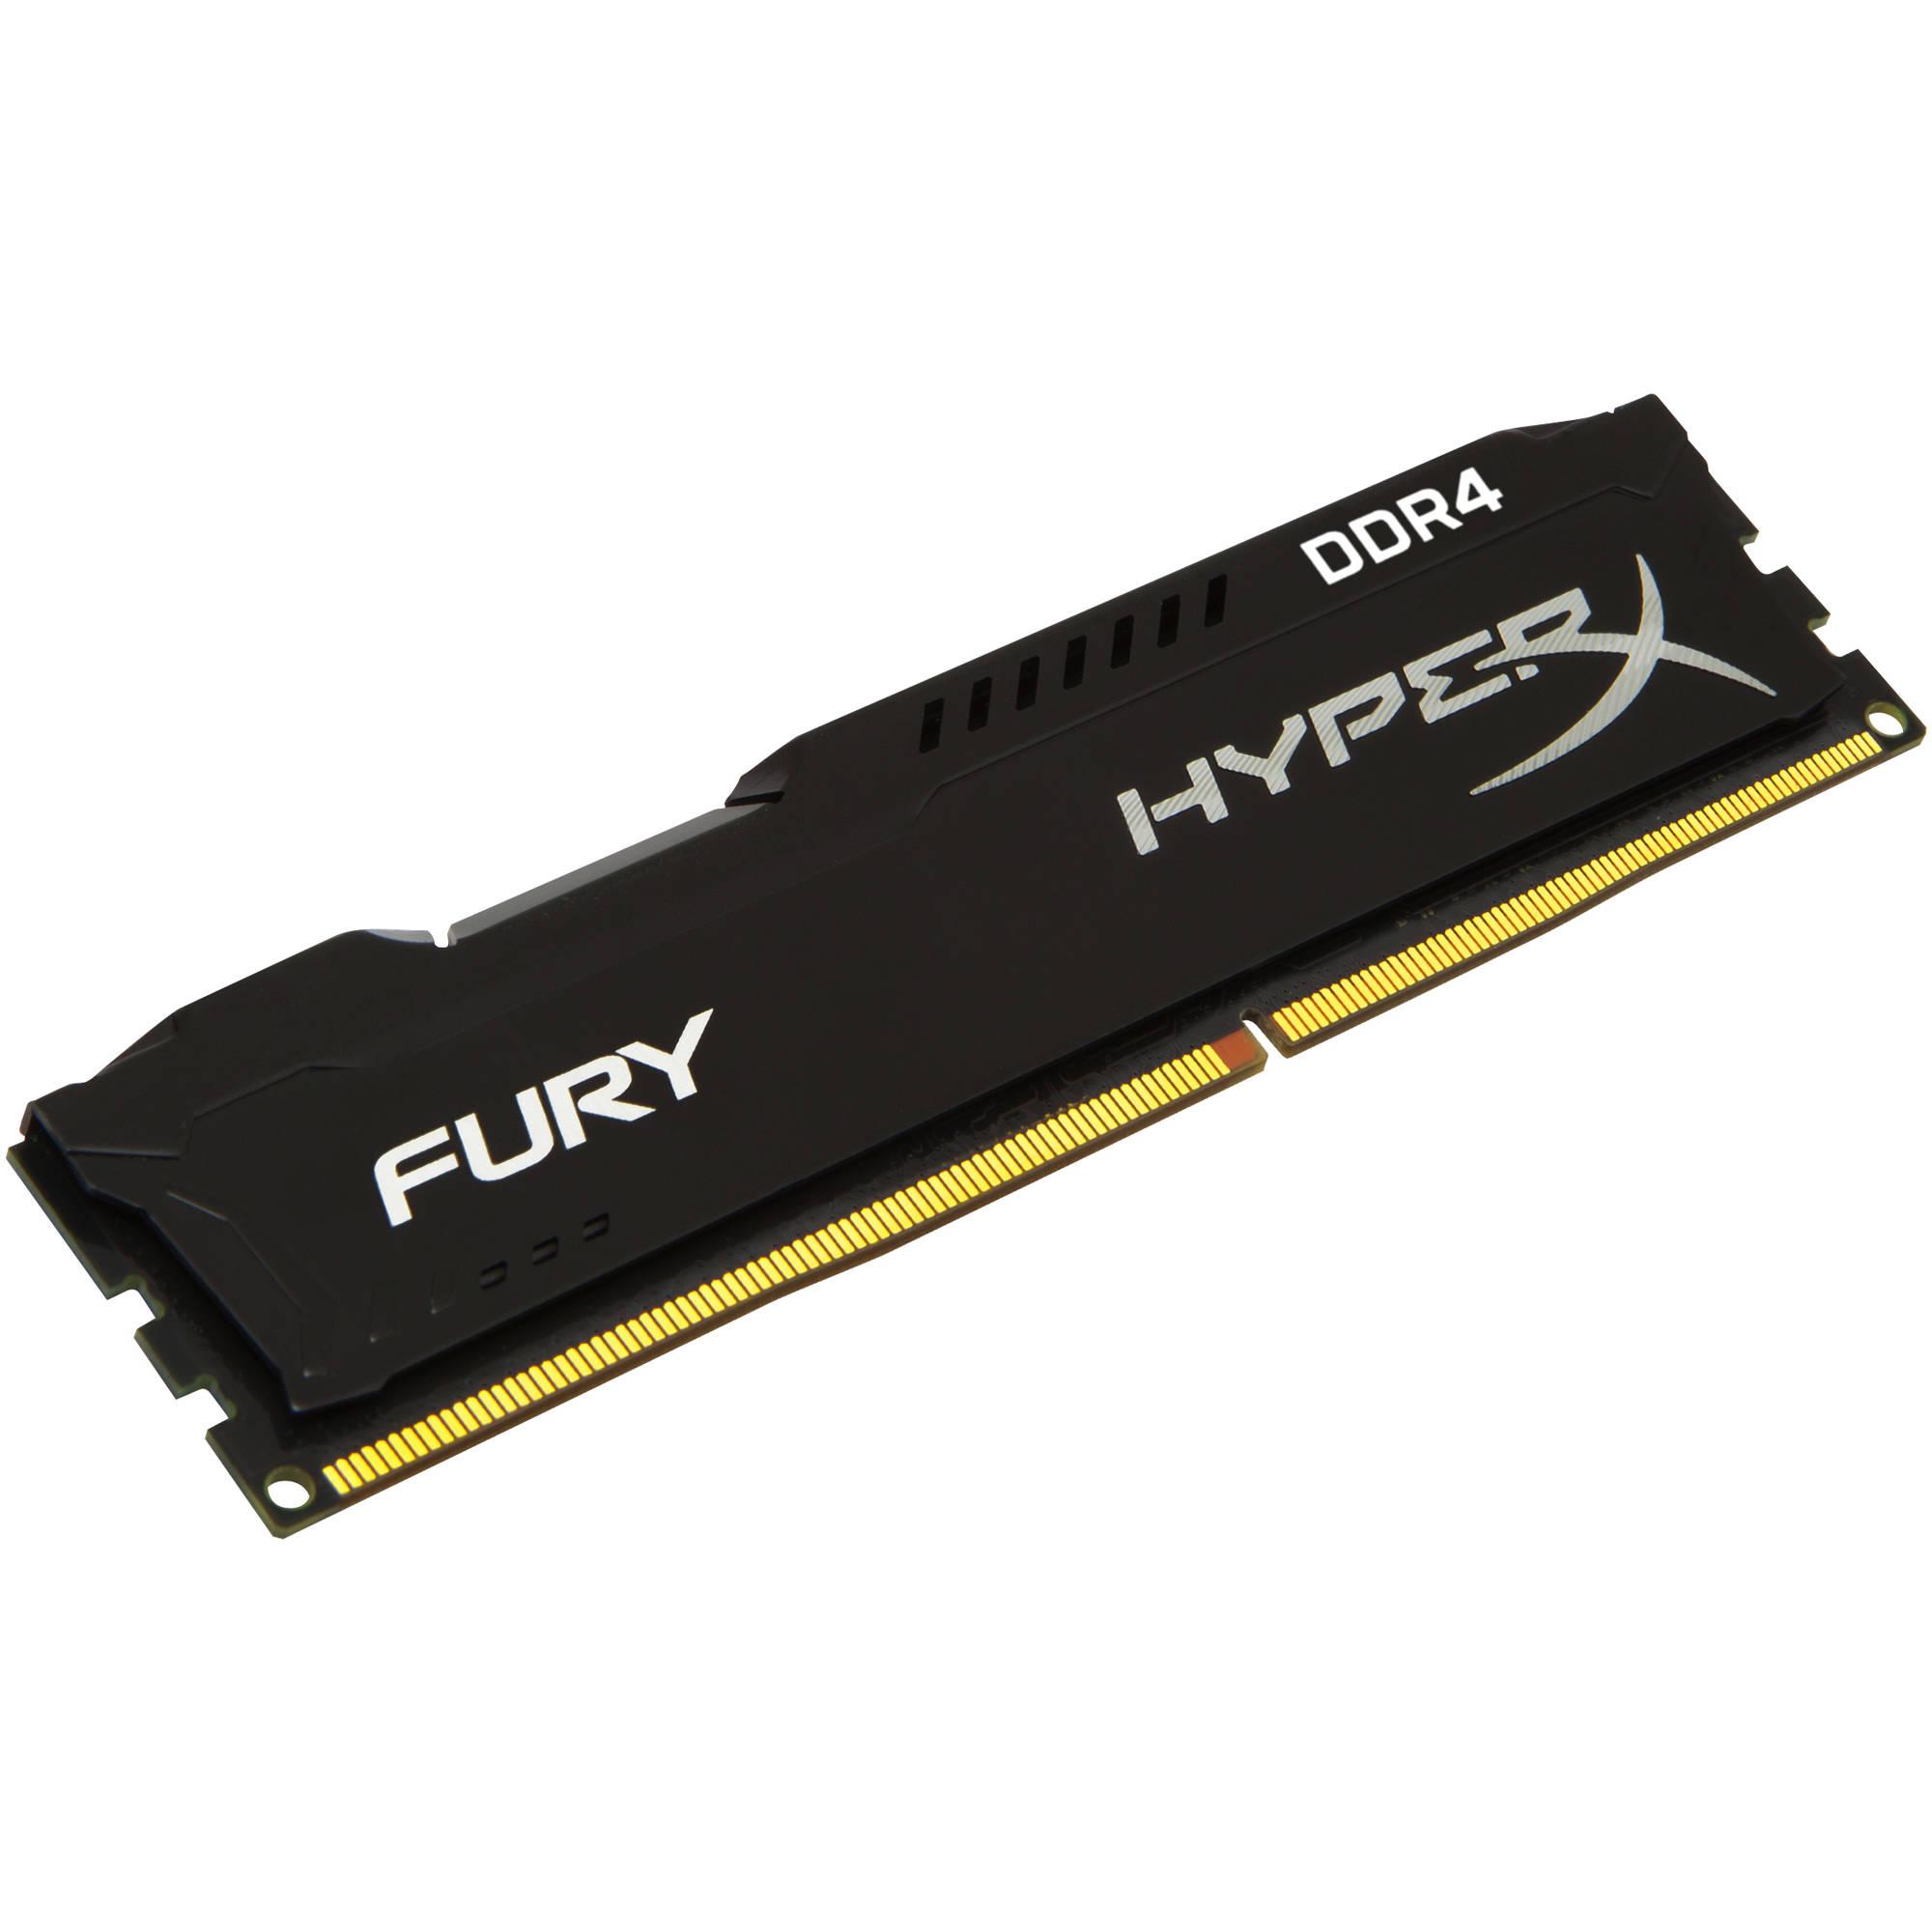 Kingston HyperX Series 8GB DDR4-2133 CL14 288-Pin DIMM Memory Module